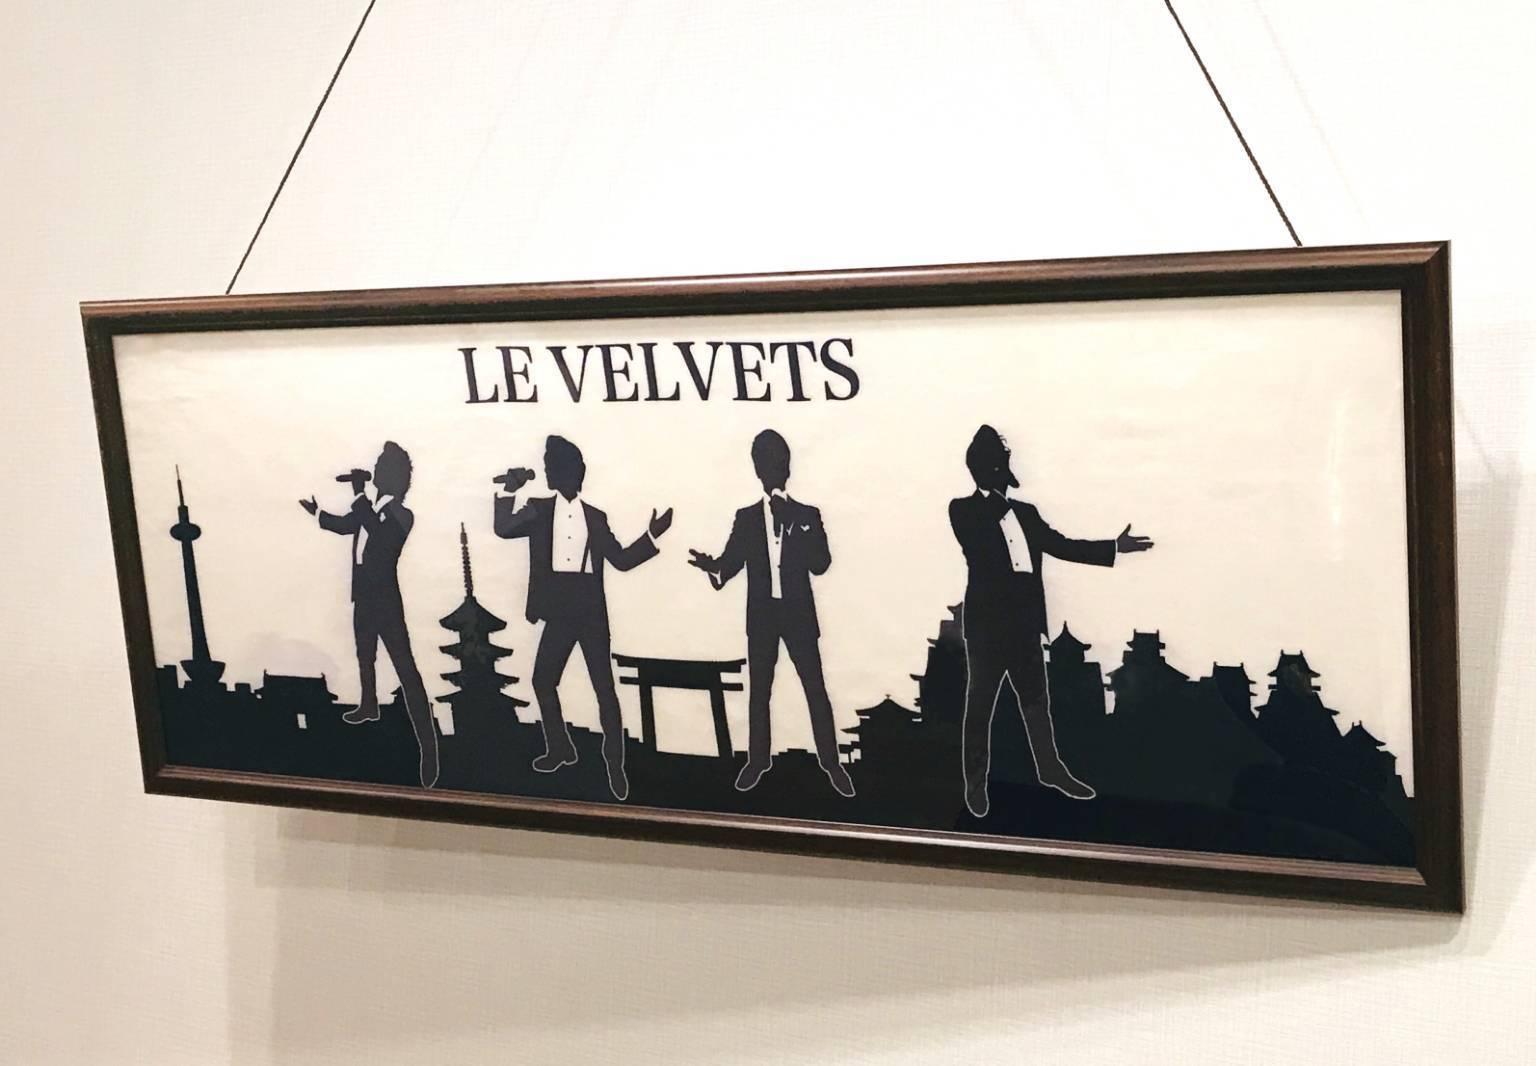 佐賀龍彦デザイン「京都名所×LE VELVETS 手ぬぐい」製作数量限定250枚